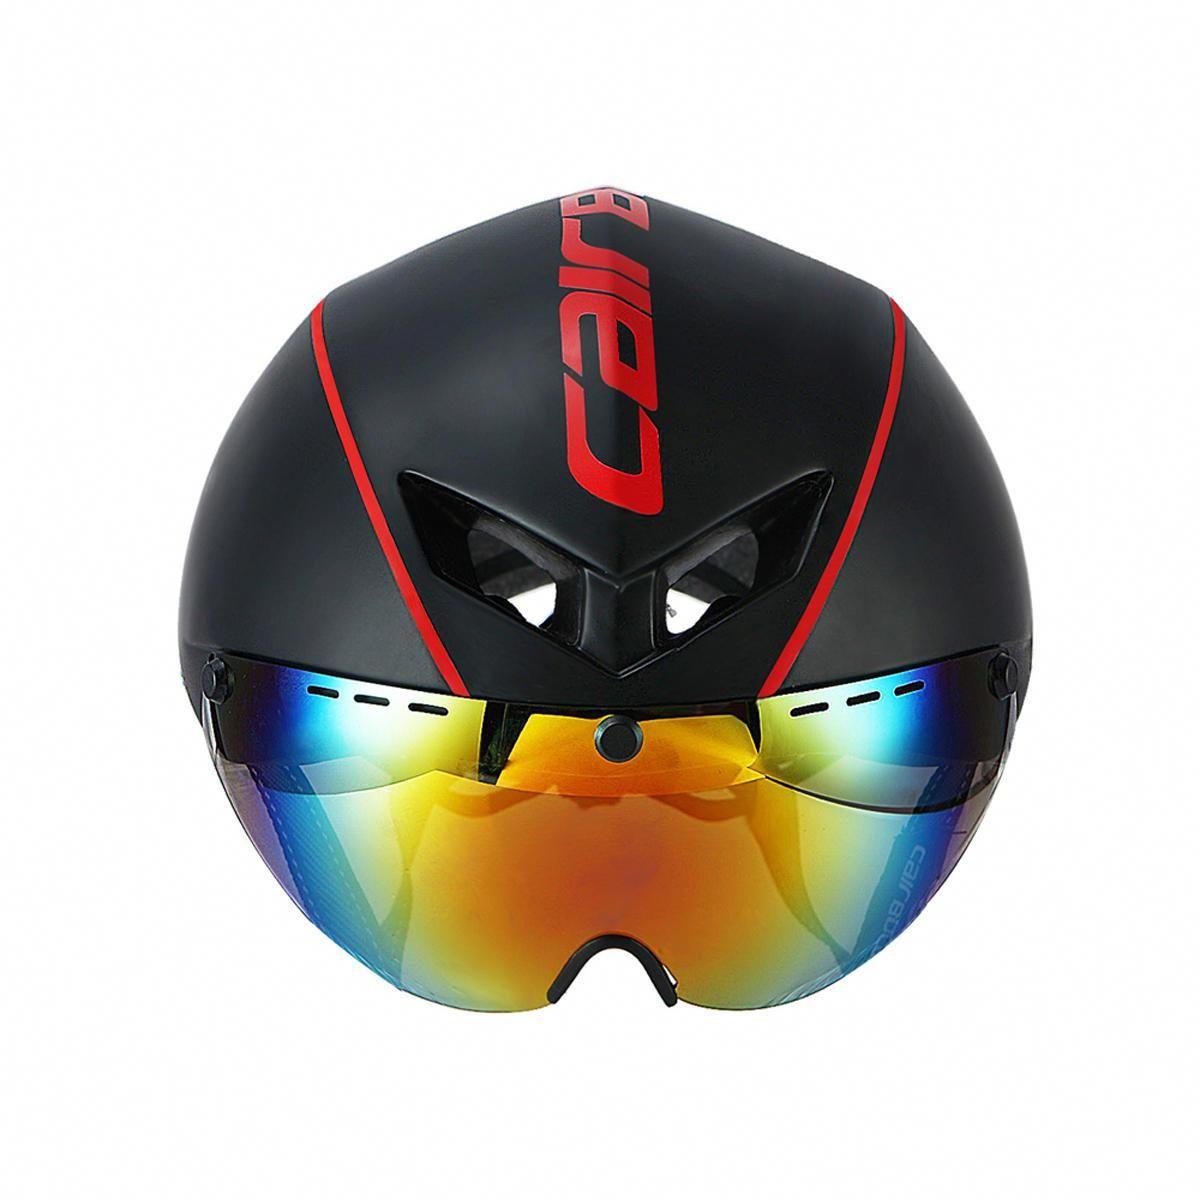 Cairbull Aero R1 Road Cycling Bike Helmet Racing Bicycle